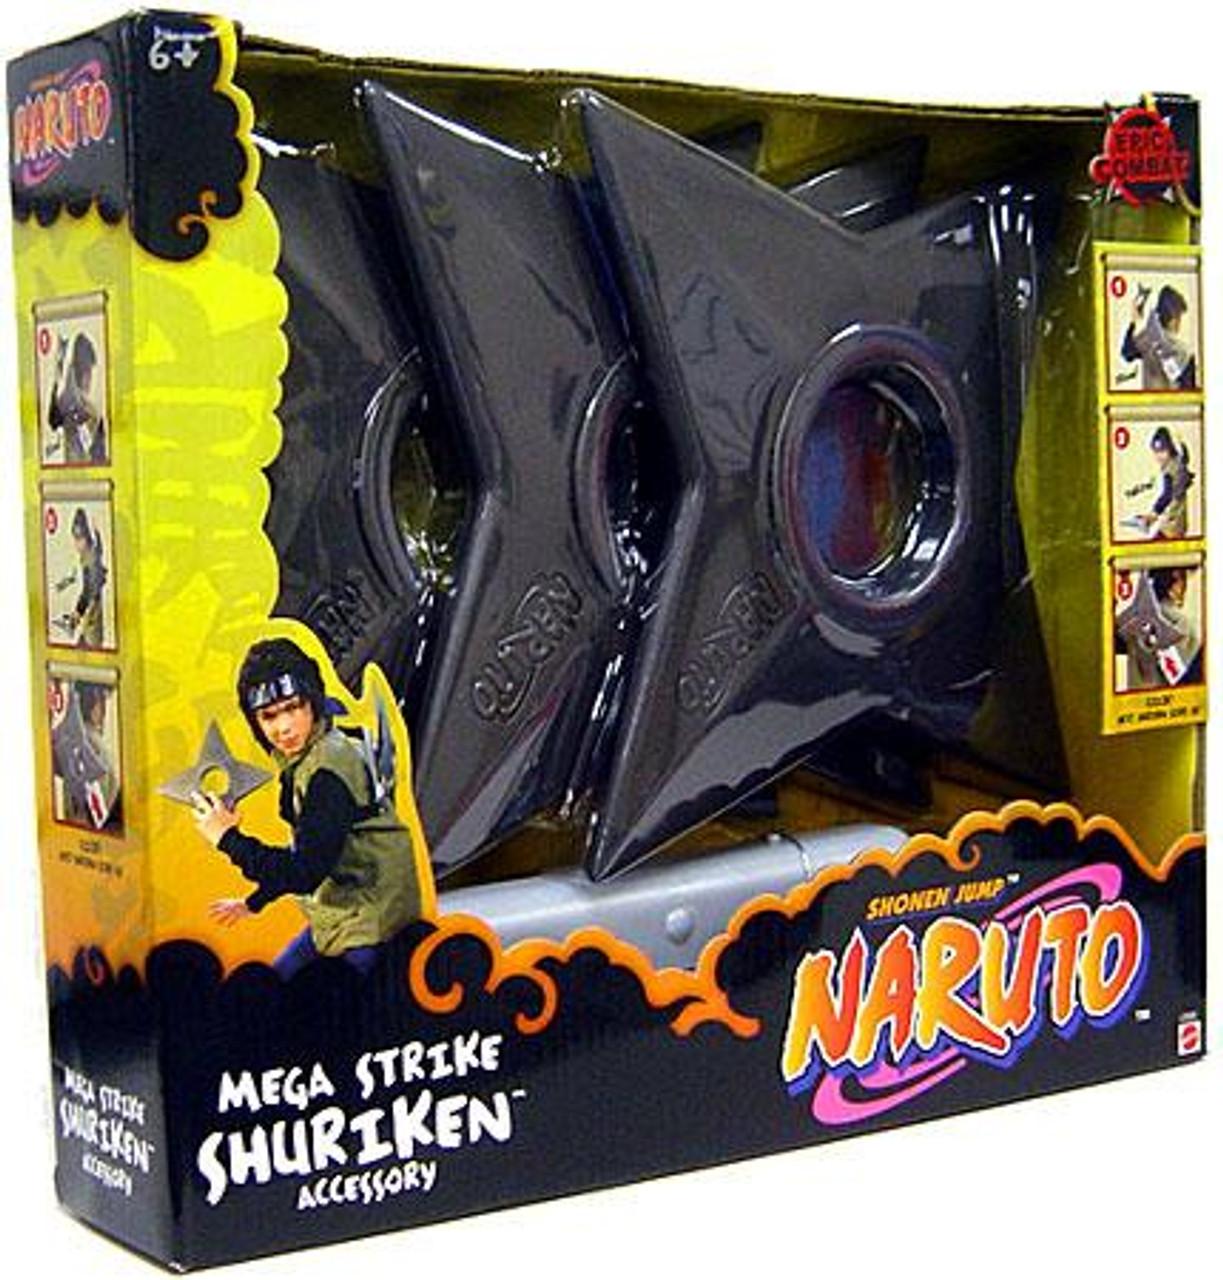 Naruto Mega Strike Shuriken Roleplay Toy